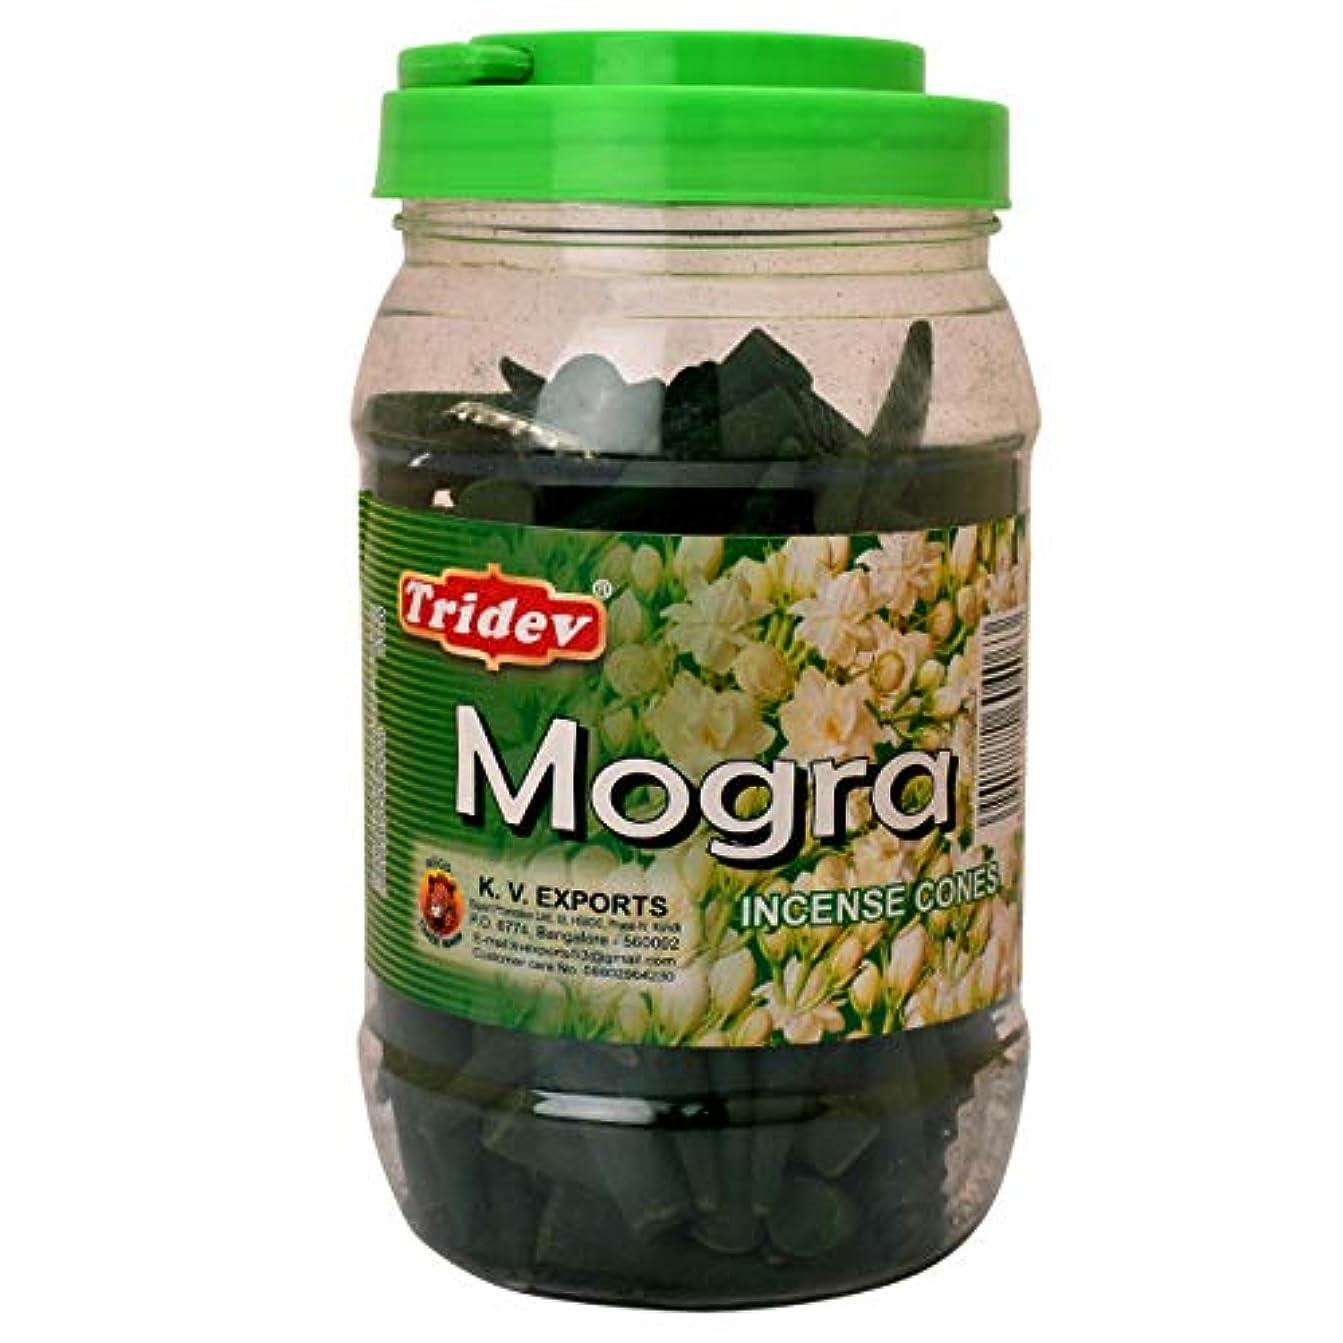 複製征服する精度Tridev Mogra フレグランス コーン型お香 500グラム 瓶 輸出品質